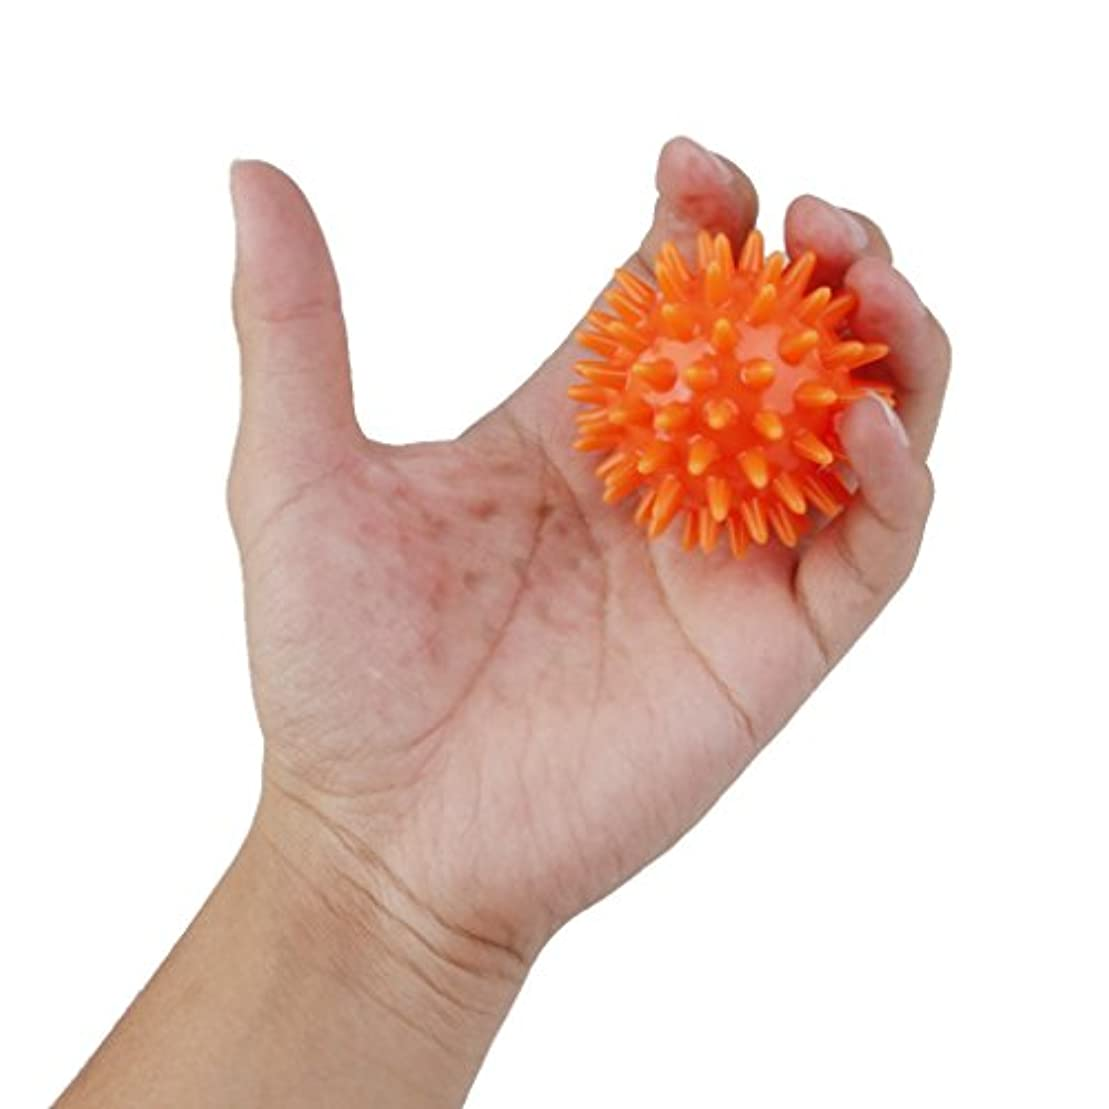 感動する落花生アシスタントマッサージボール 手のひら 足 腕 首 背中 足首 ダーク フック側 マッサージ 疲れ 緩和 オレンジ